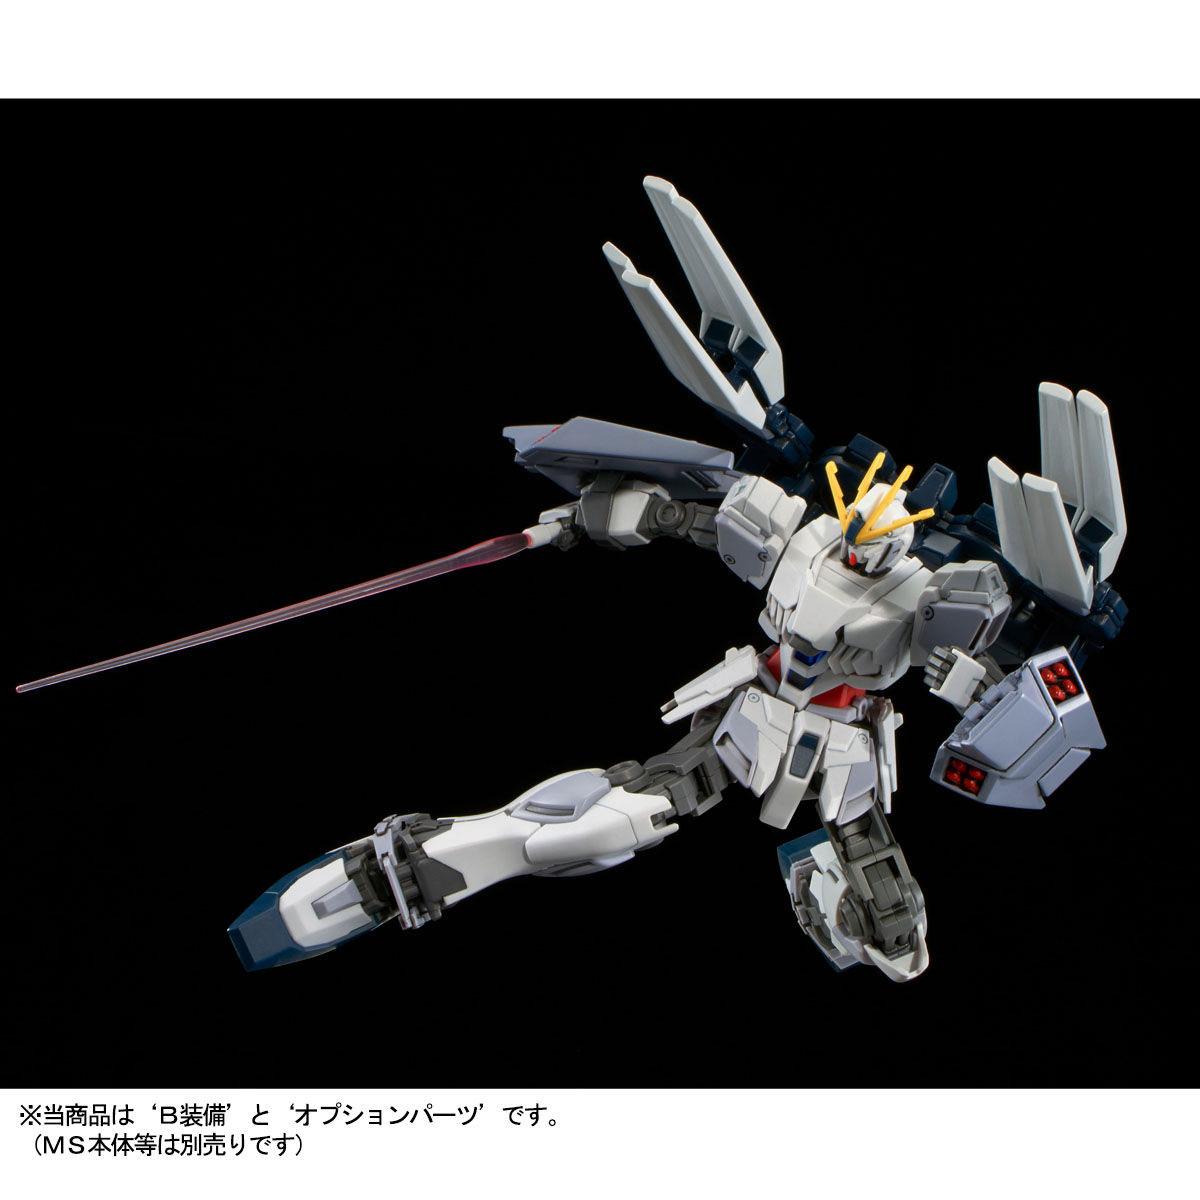 HG 1/144『ナラティブガンダム用 B装備拡張セット』ガンダムNT プラモデル-005